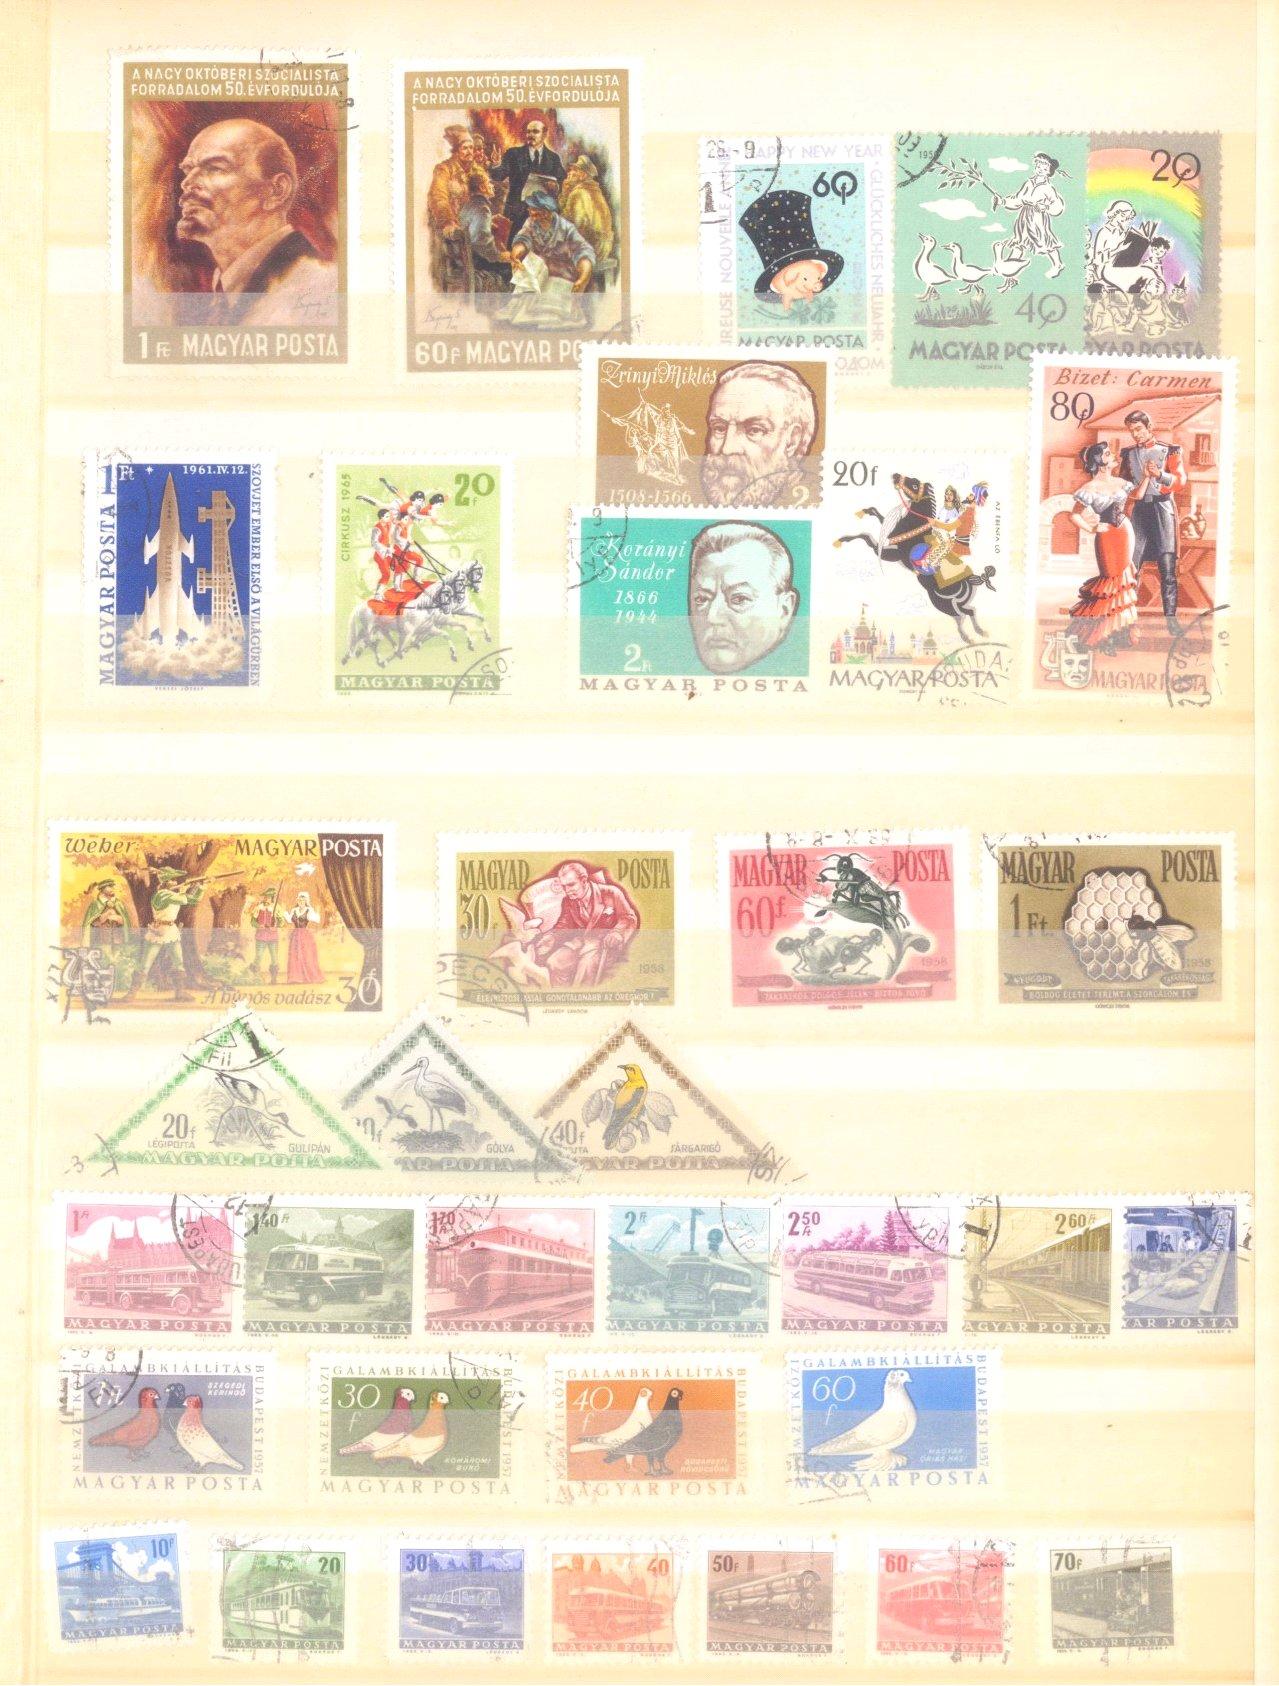 Mannheimer Briefmarkennachlass-46